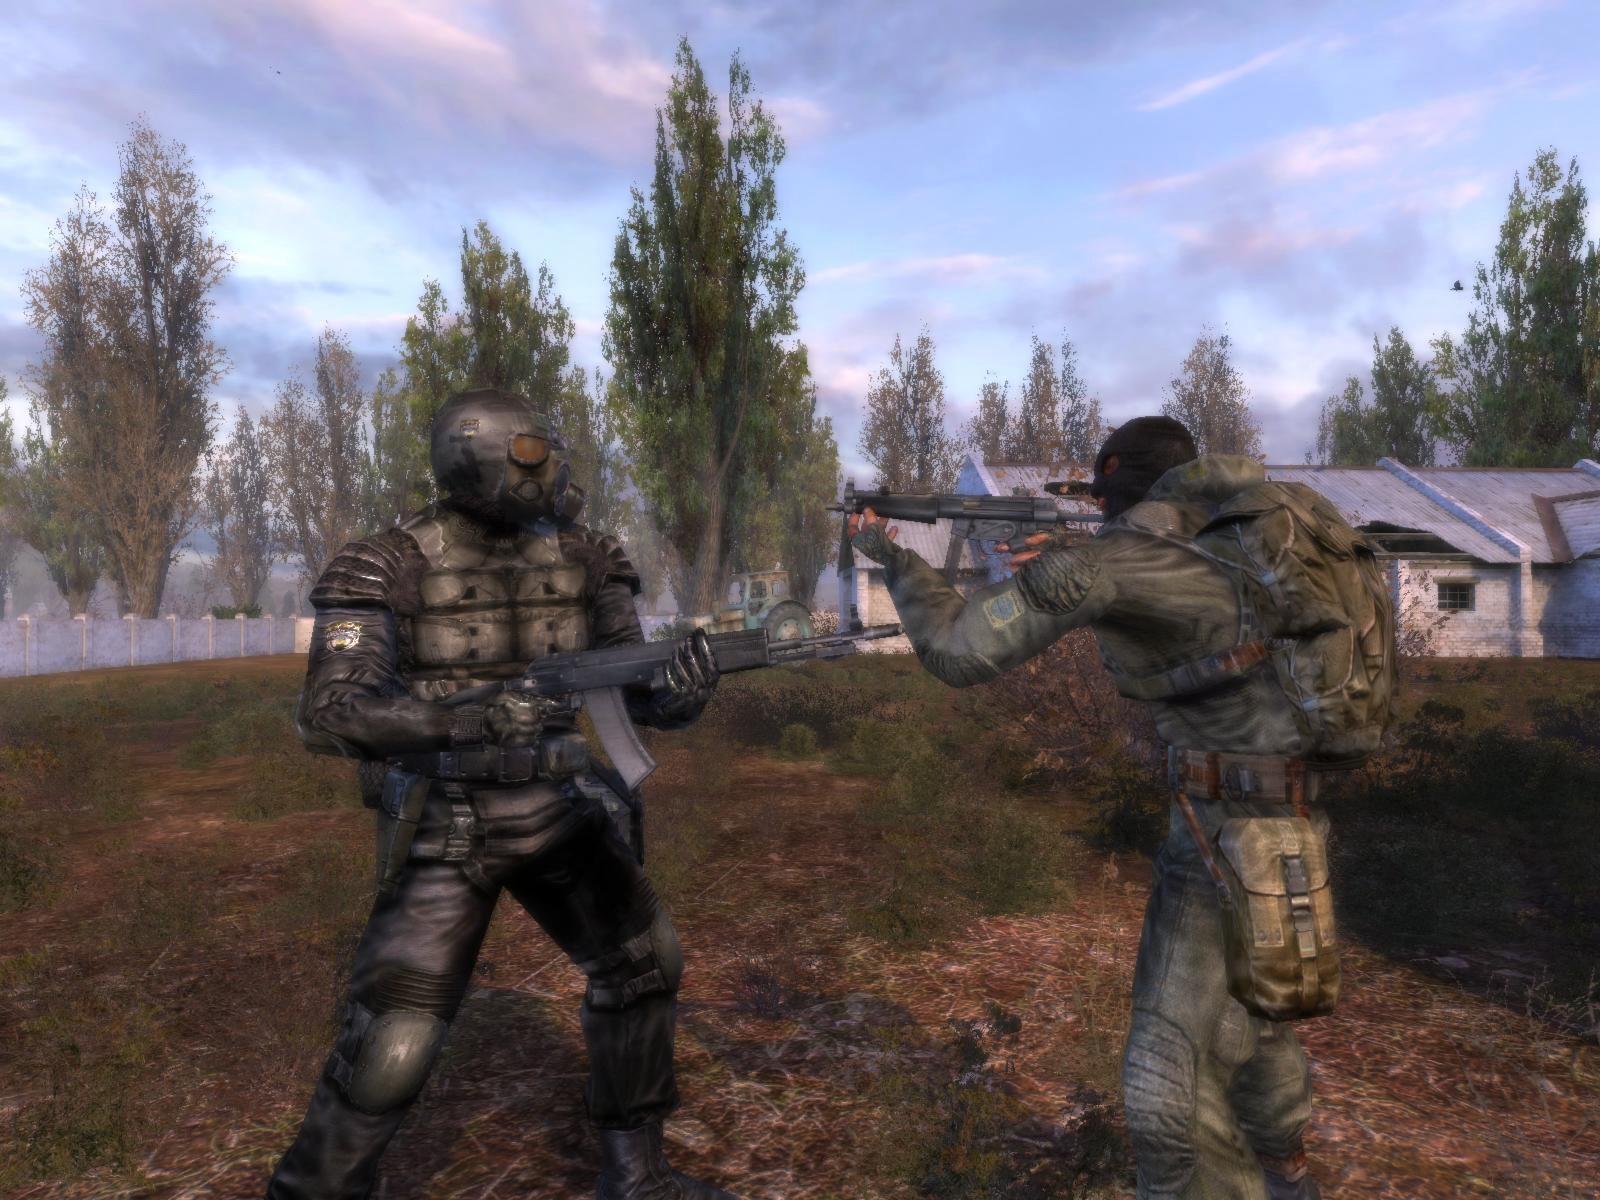 Мод Unreal weapons v 0.8 для STALKER Тени Чернобыля мод добавляет в